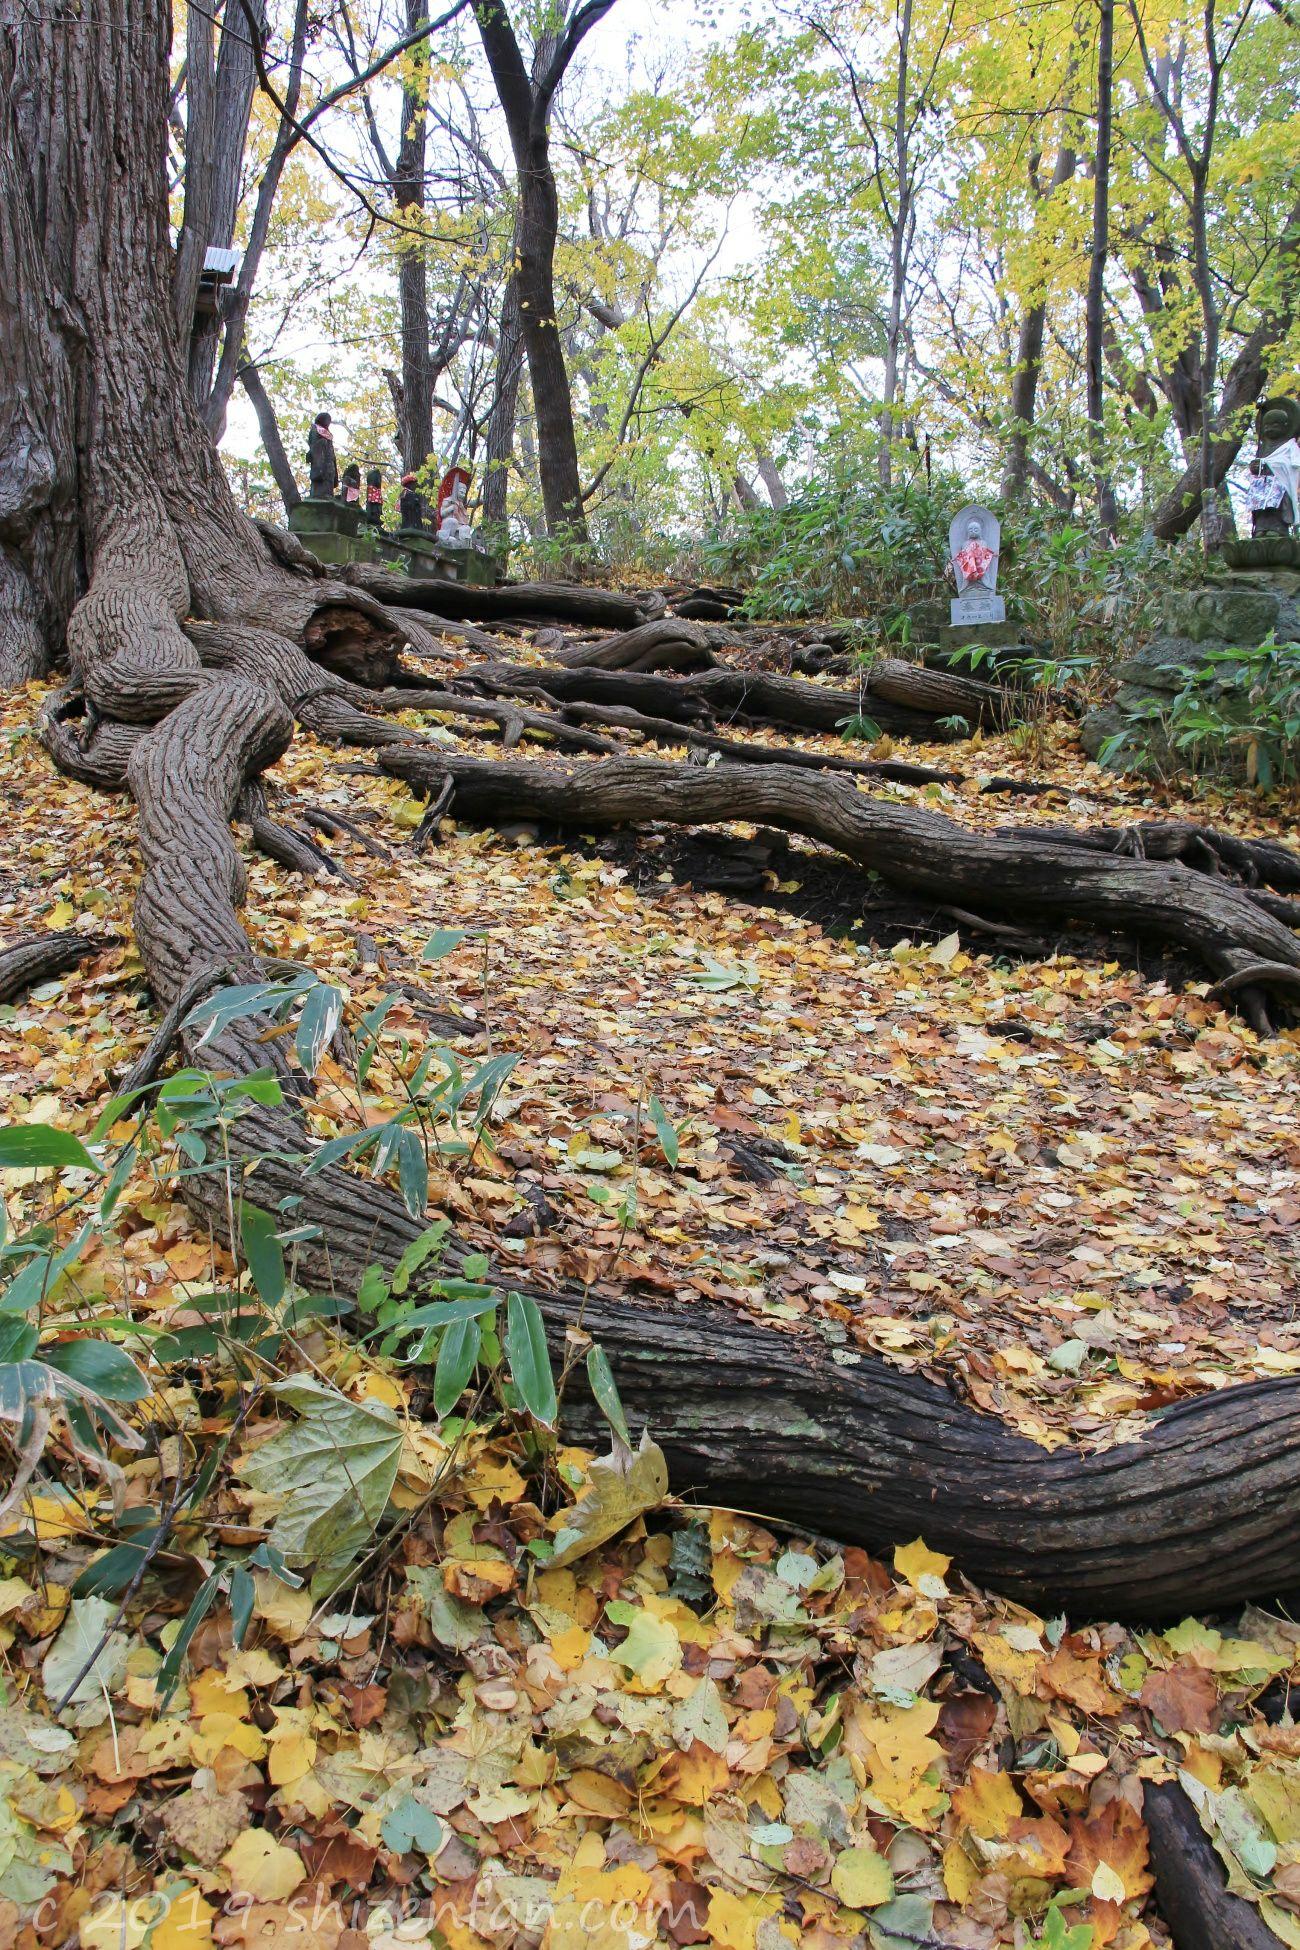 秋の札幌円山原始林、登山道の落ち葉と木の根